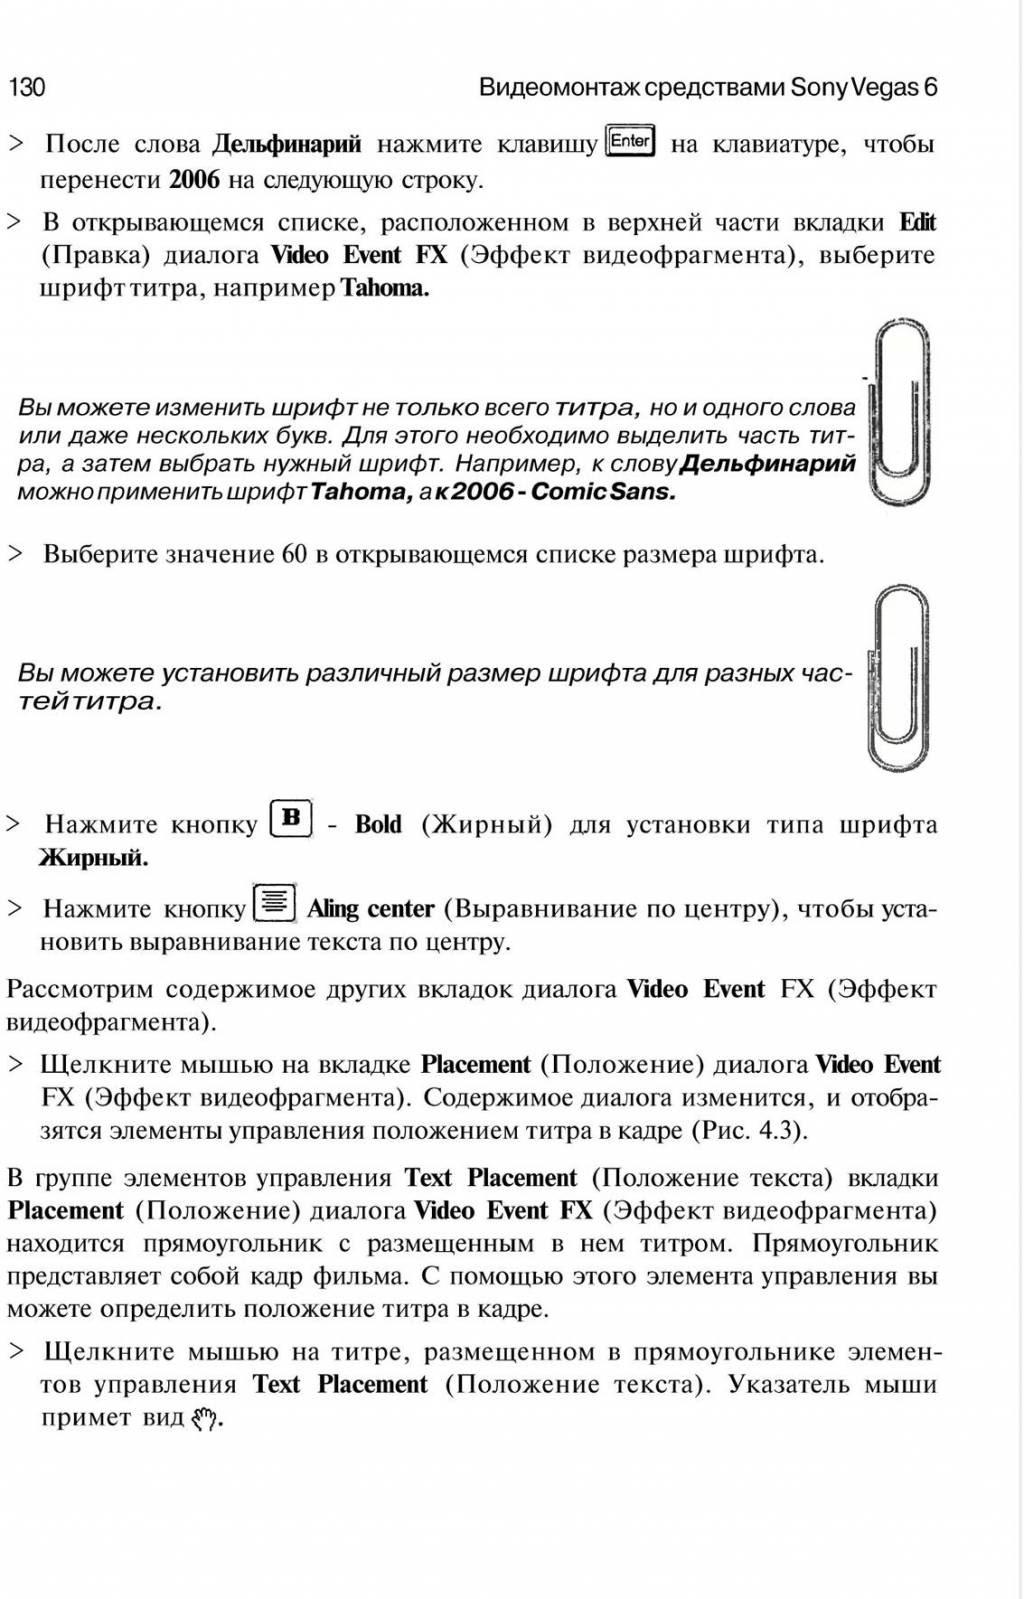 http://redaktori-uroki.3dn.ru/_ph/13/53016098.jpg